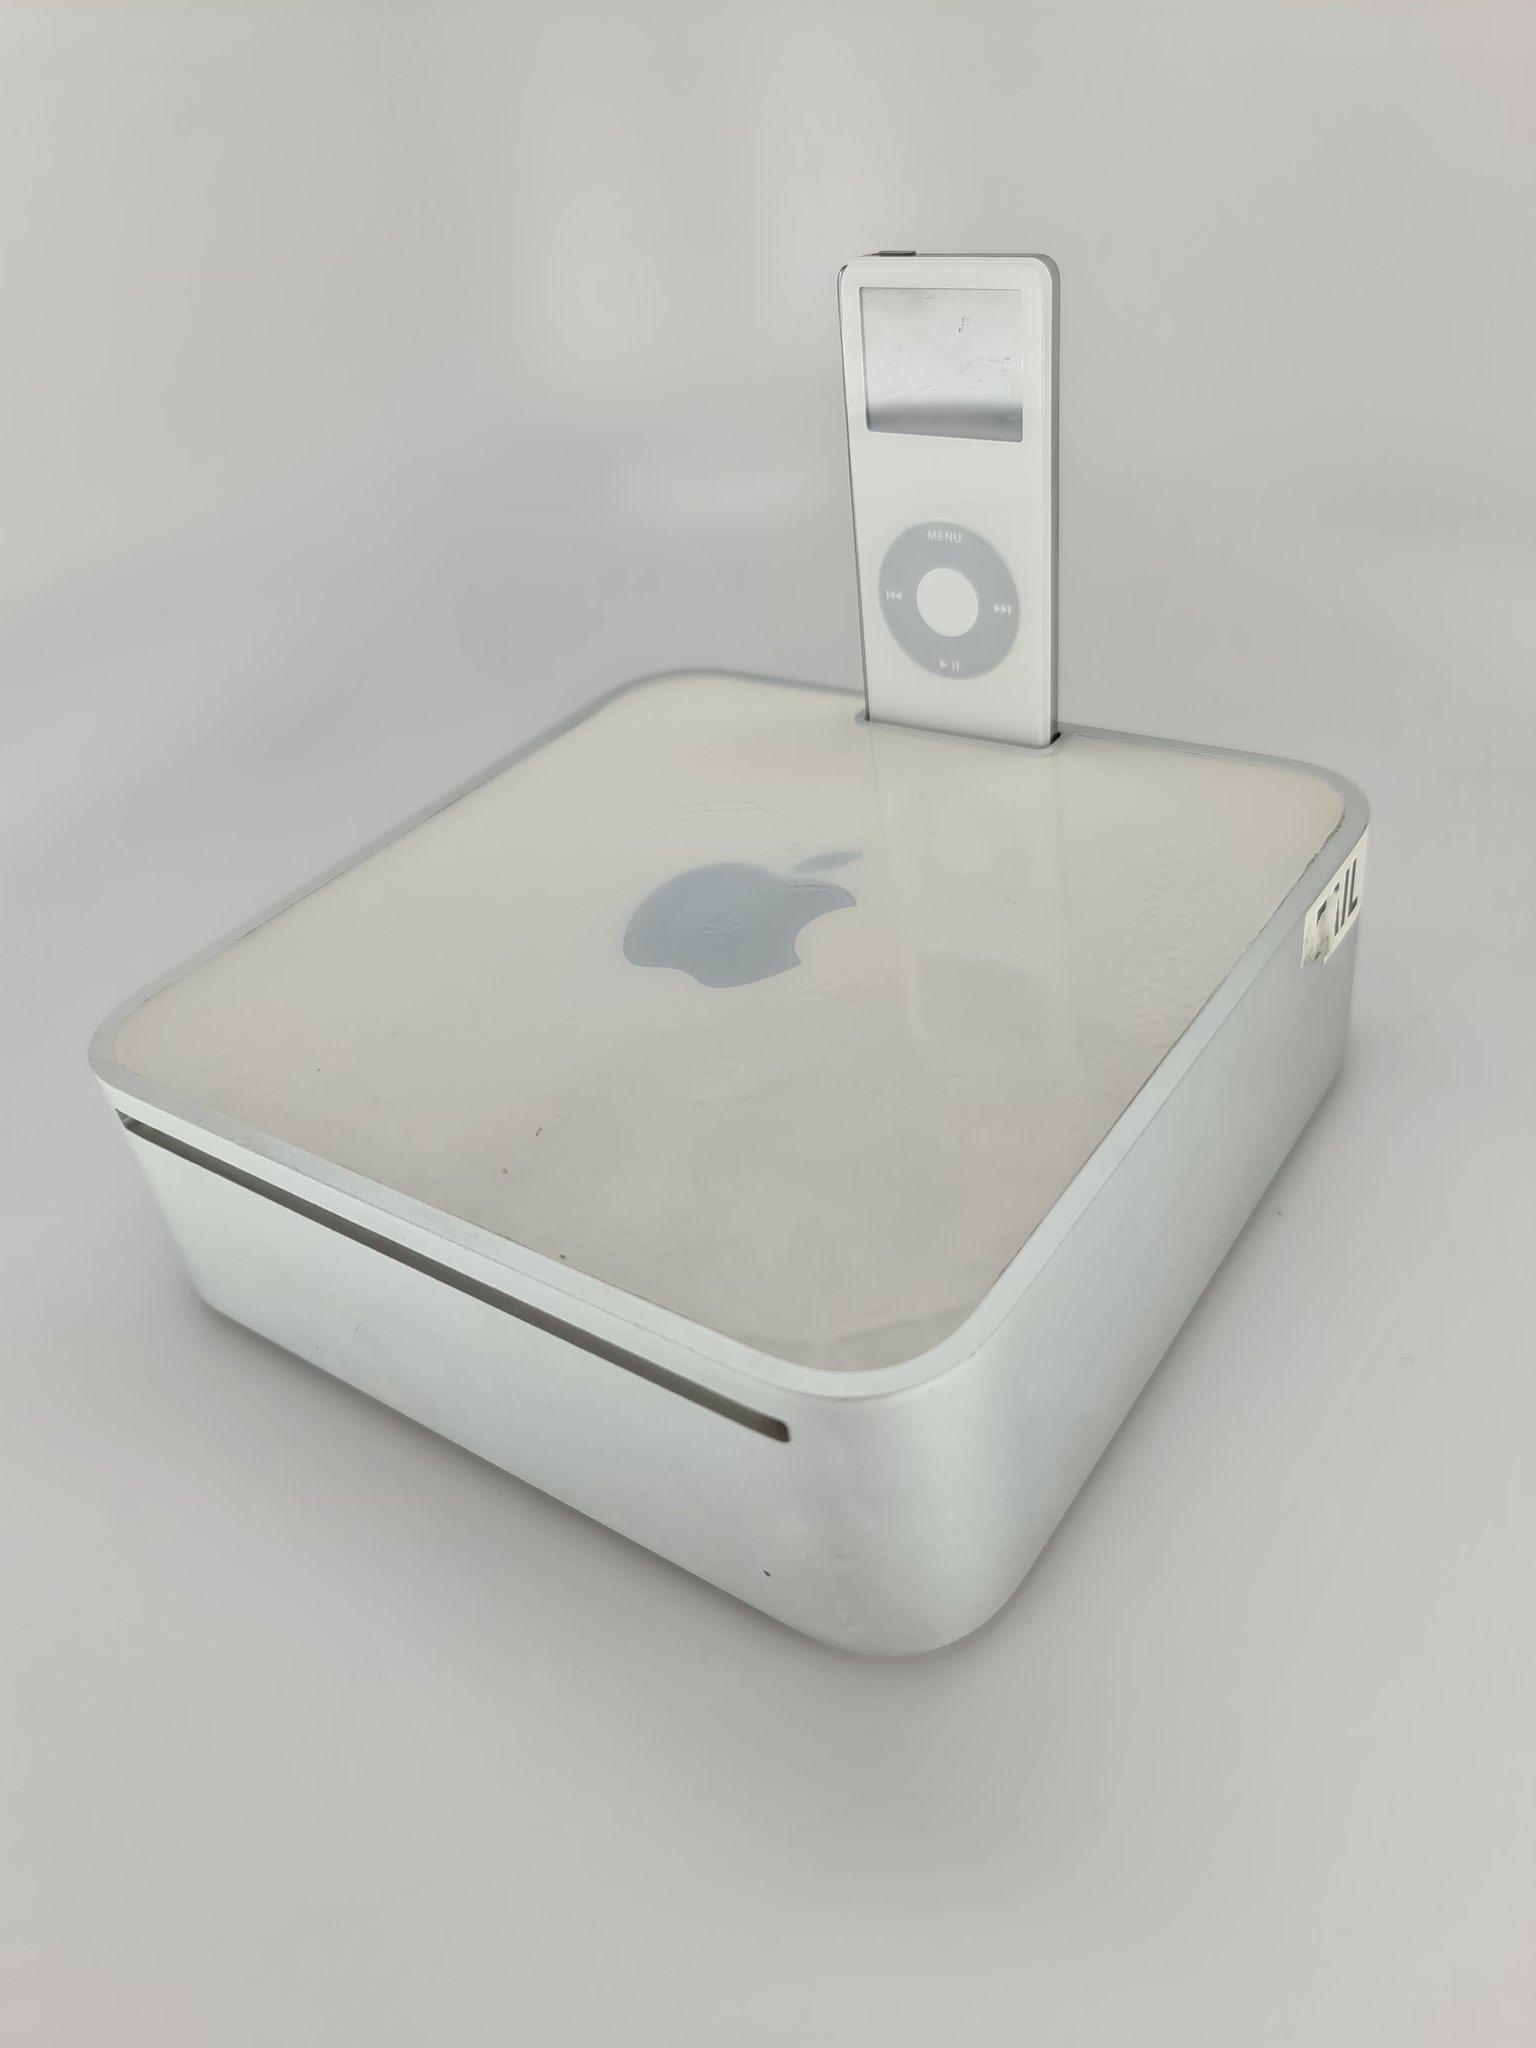 蘋果Mac Mini 原型機1